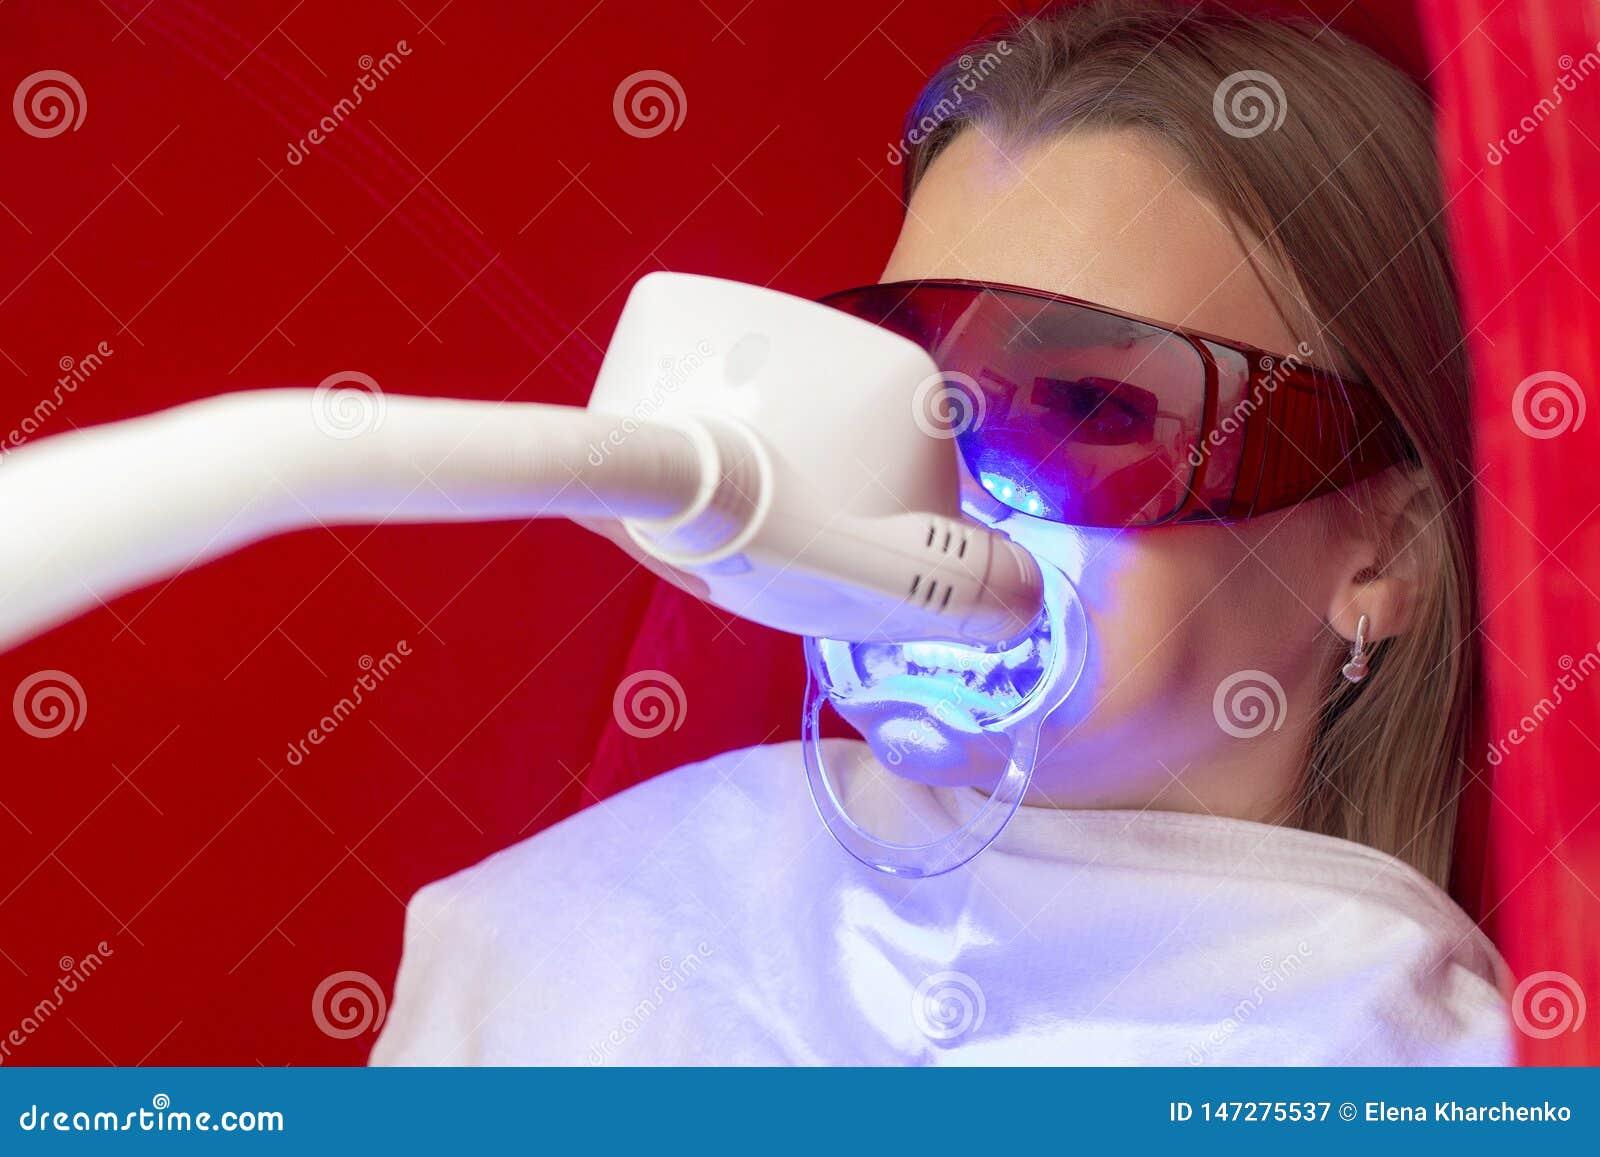 Зубы забеливая девушку сидят с апашем на зубах для зубов забеливая